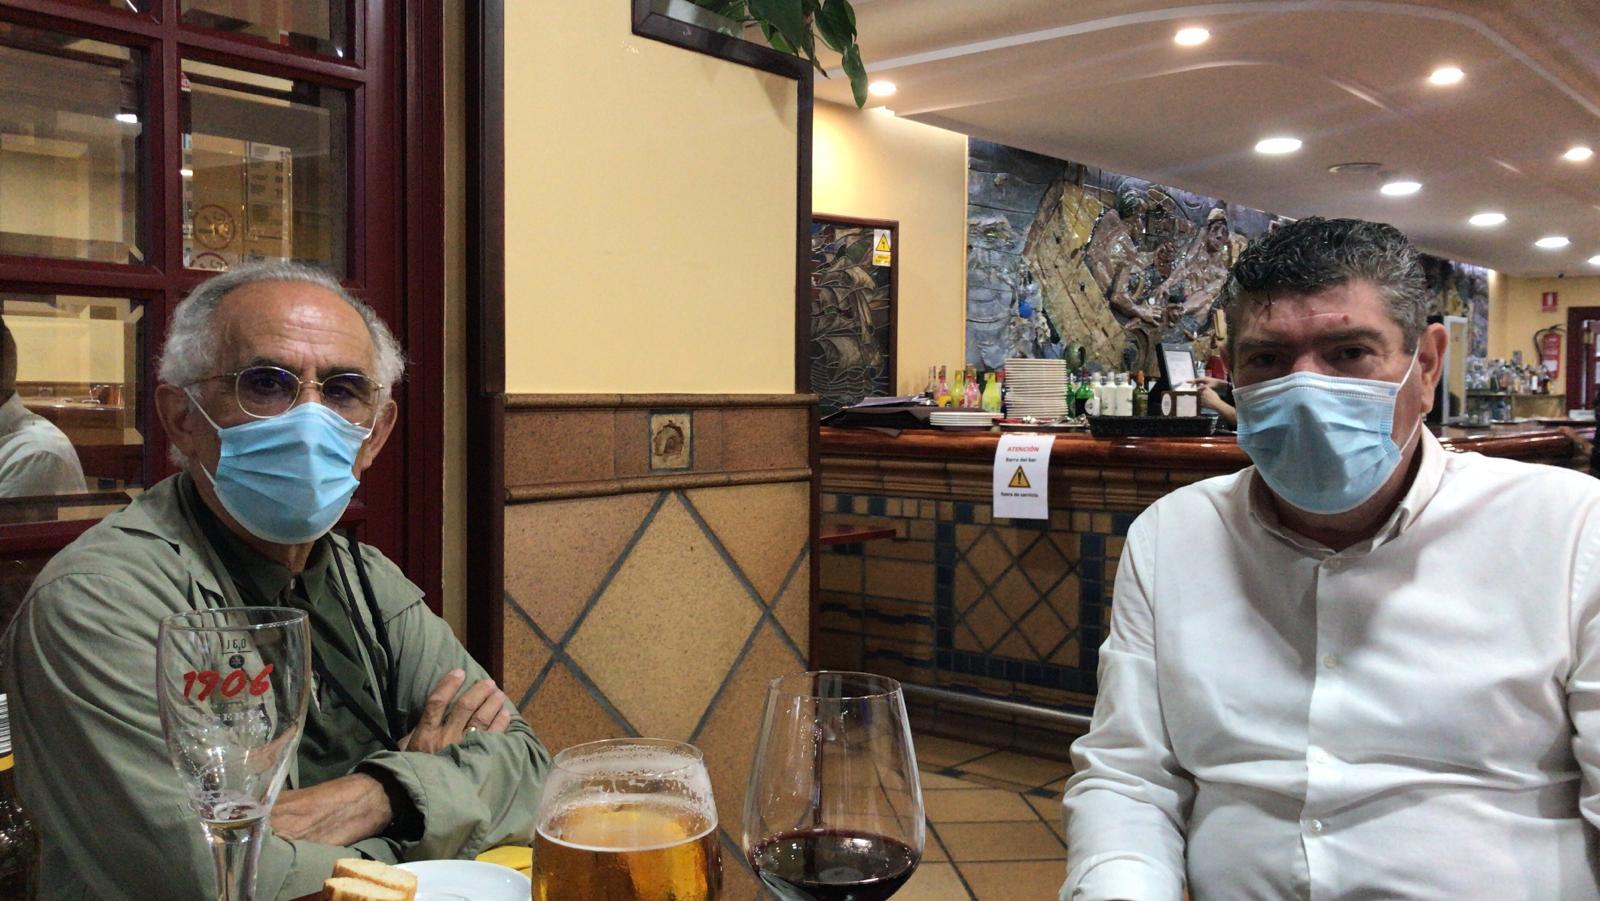 O alcalde, Alfredo Llano, mantivo un encontro informal con Xerardo Estévez, o ex rexedor de Santiago de Compostela e arquitecto de profesión, que se atopa de visita en Burela